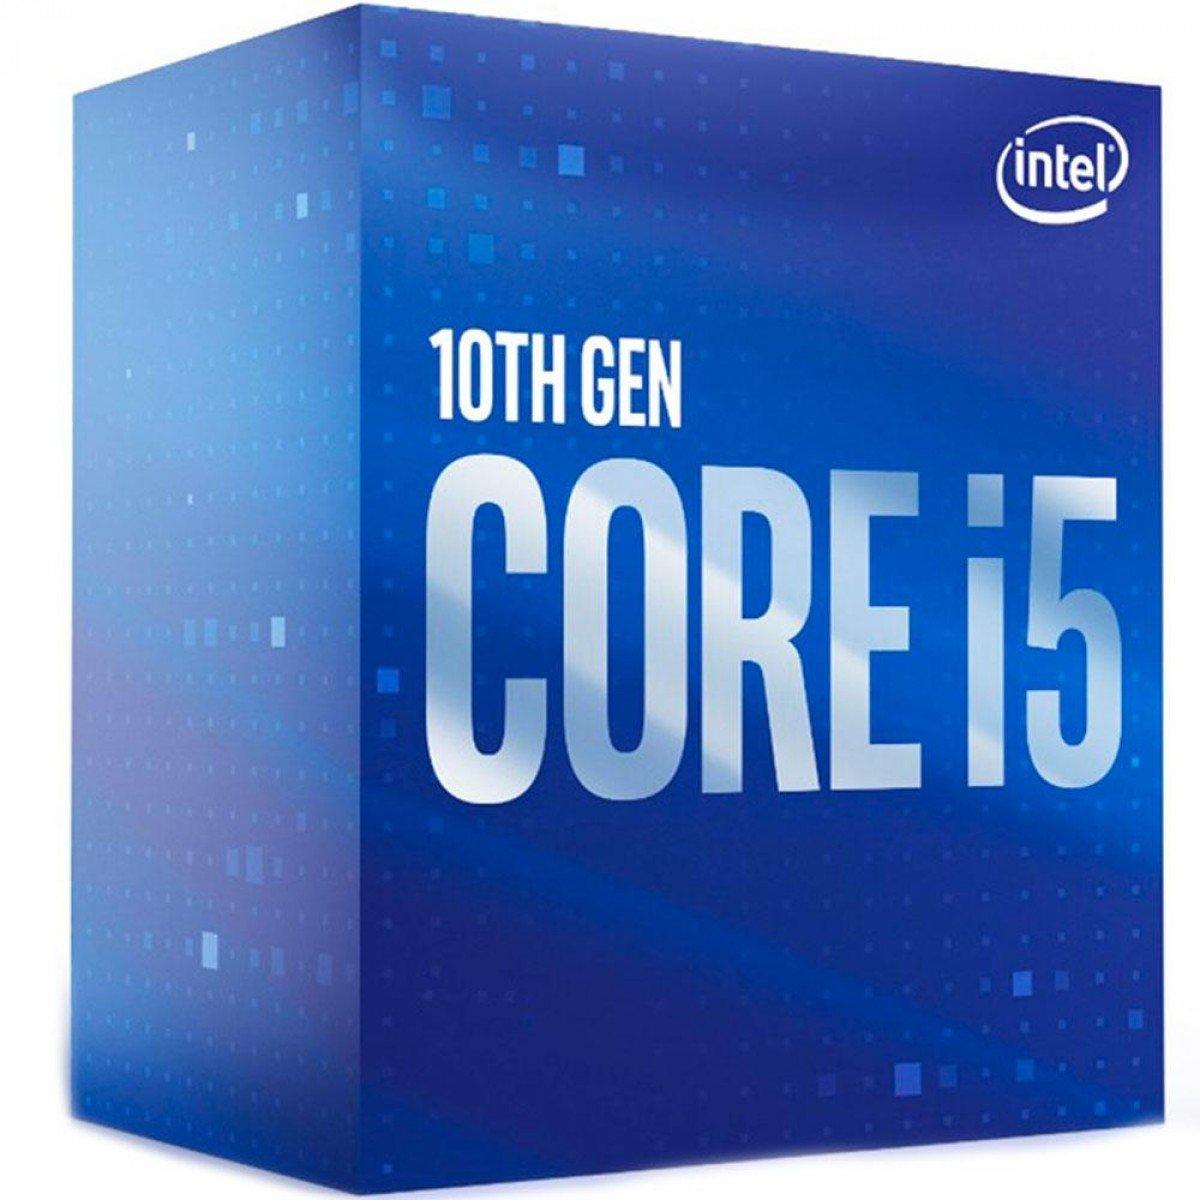 processador intel 1200 i5 10400 290ghz 12mb com cooler 50428 2000 201905